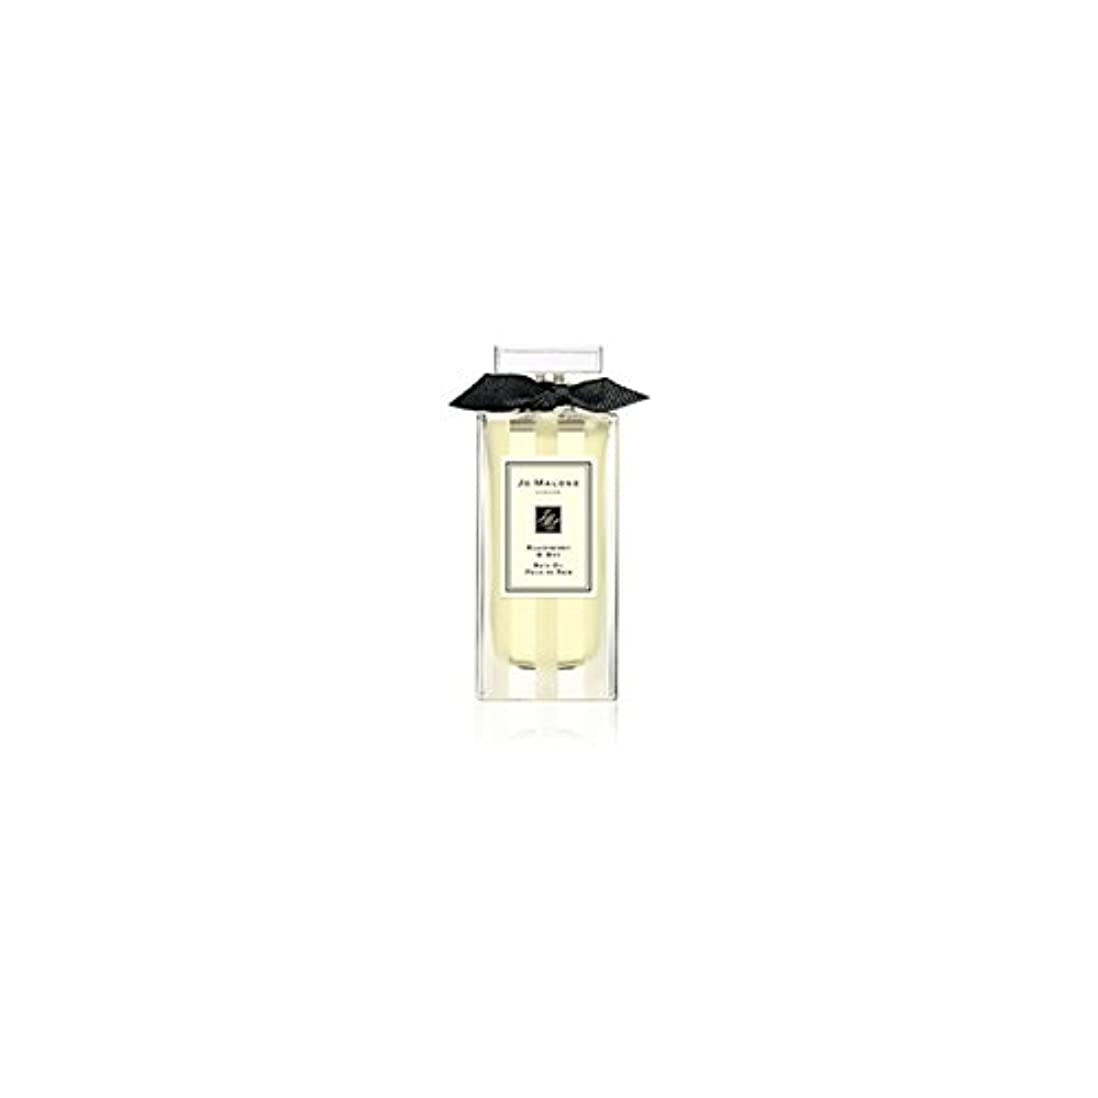 軽食採用余分なJo Malone Blackberry & Bay Bath Oil - 30ml (Pack of 6) - ジョーマローンブラックベリー&ベイバスオイル - 30ミリリットル (x6) [並行輸入品]